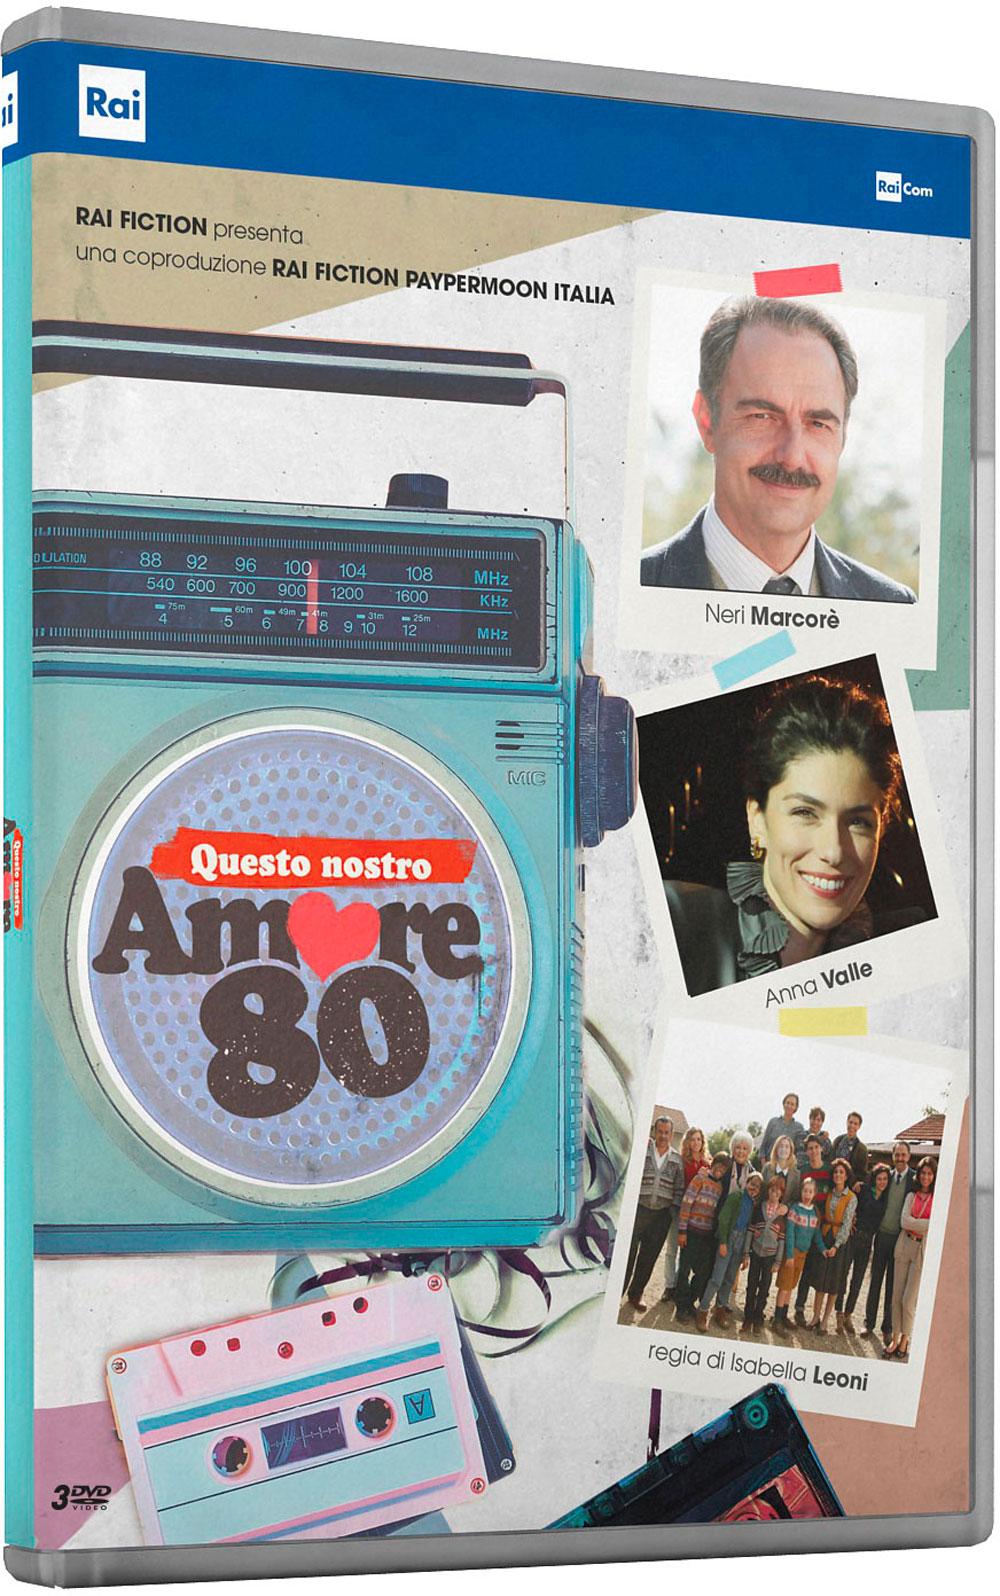 COF.QUESTO NOSTRO AMORE 80 (3 DVD) (DVD)